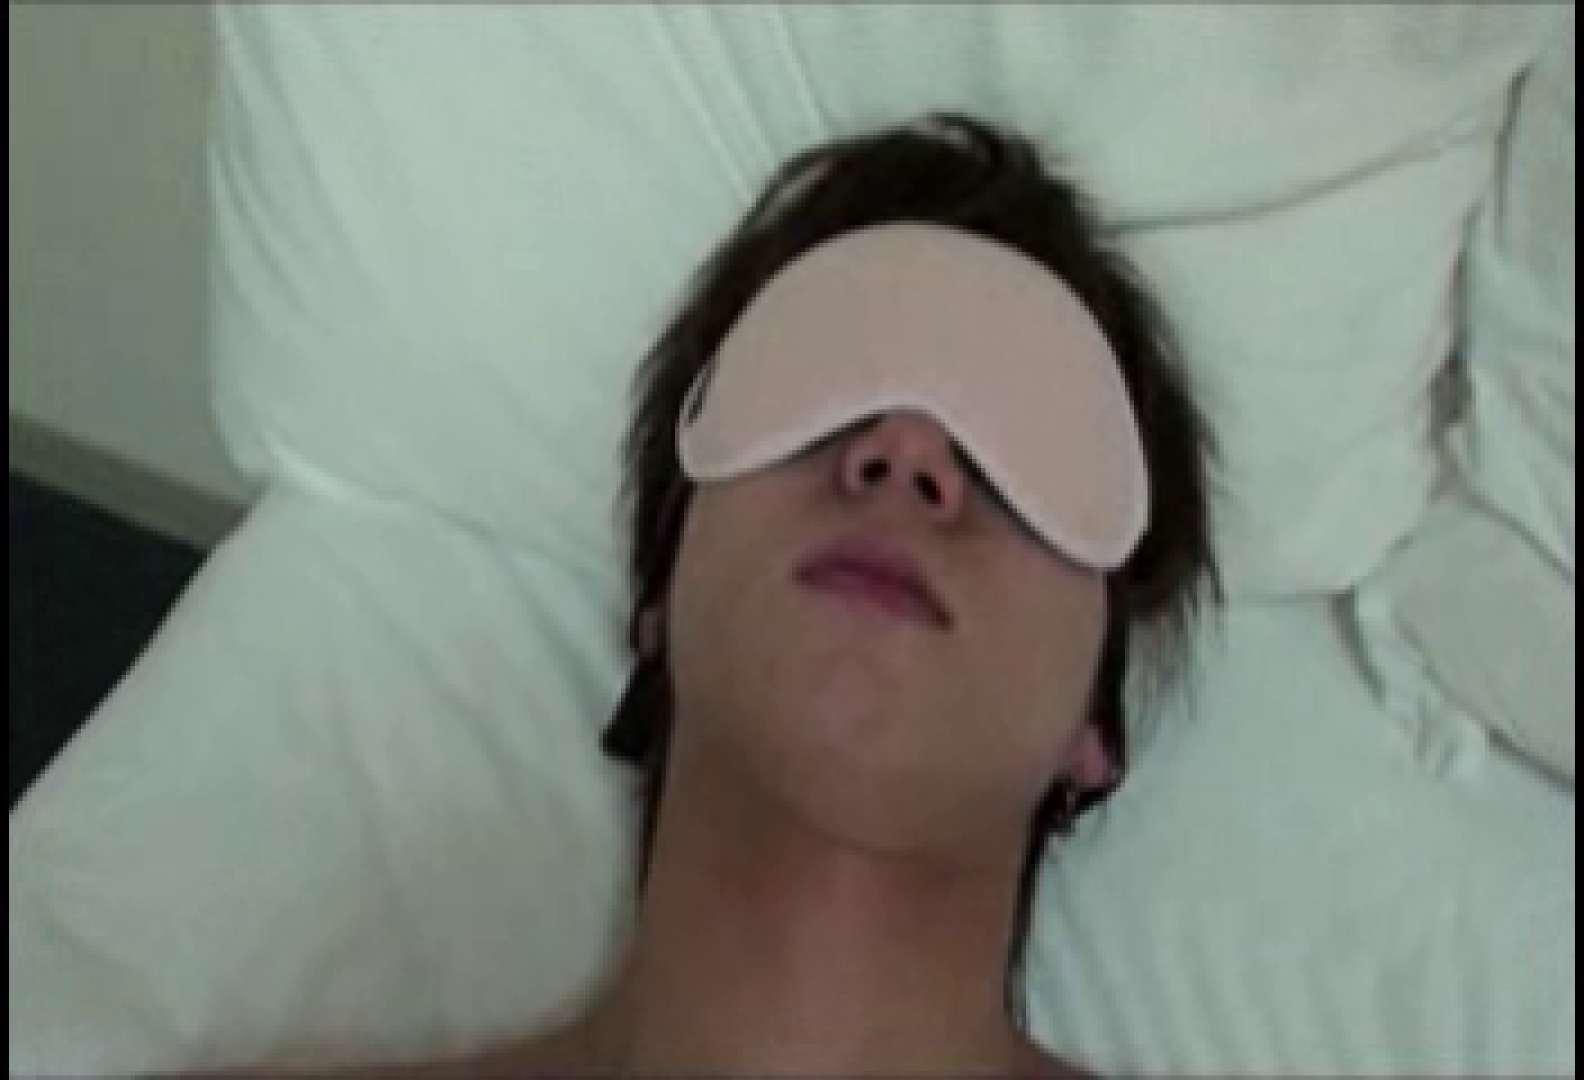 アイマスクでおもいっきり性感帯!!vol.05 ゲイのオナニー映像  71枚 21